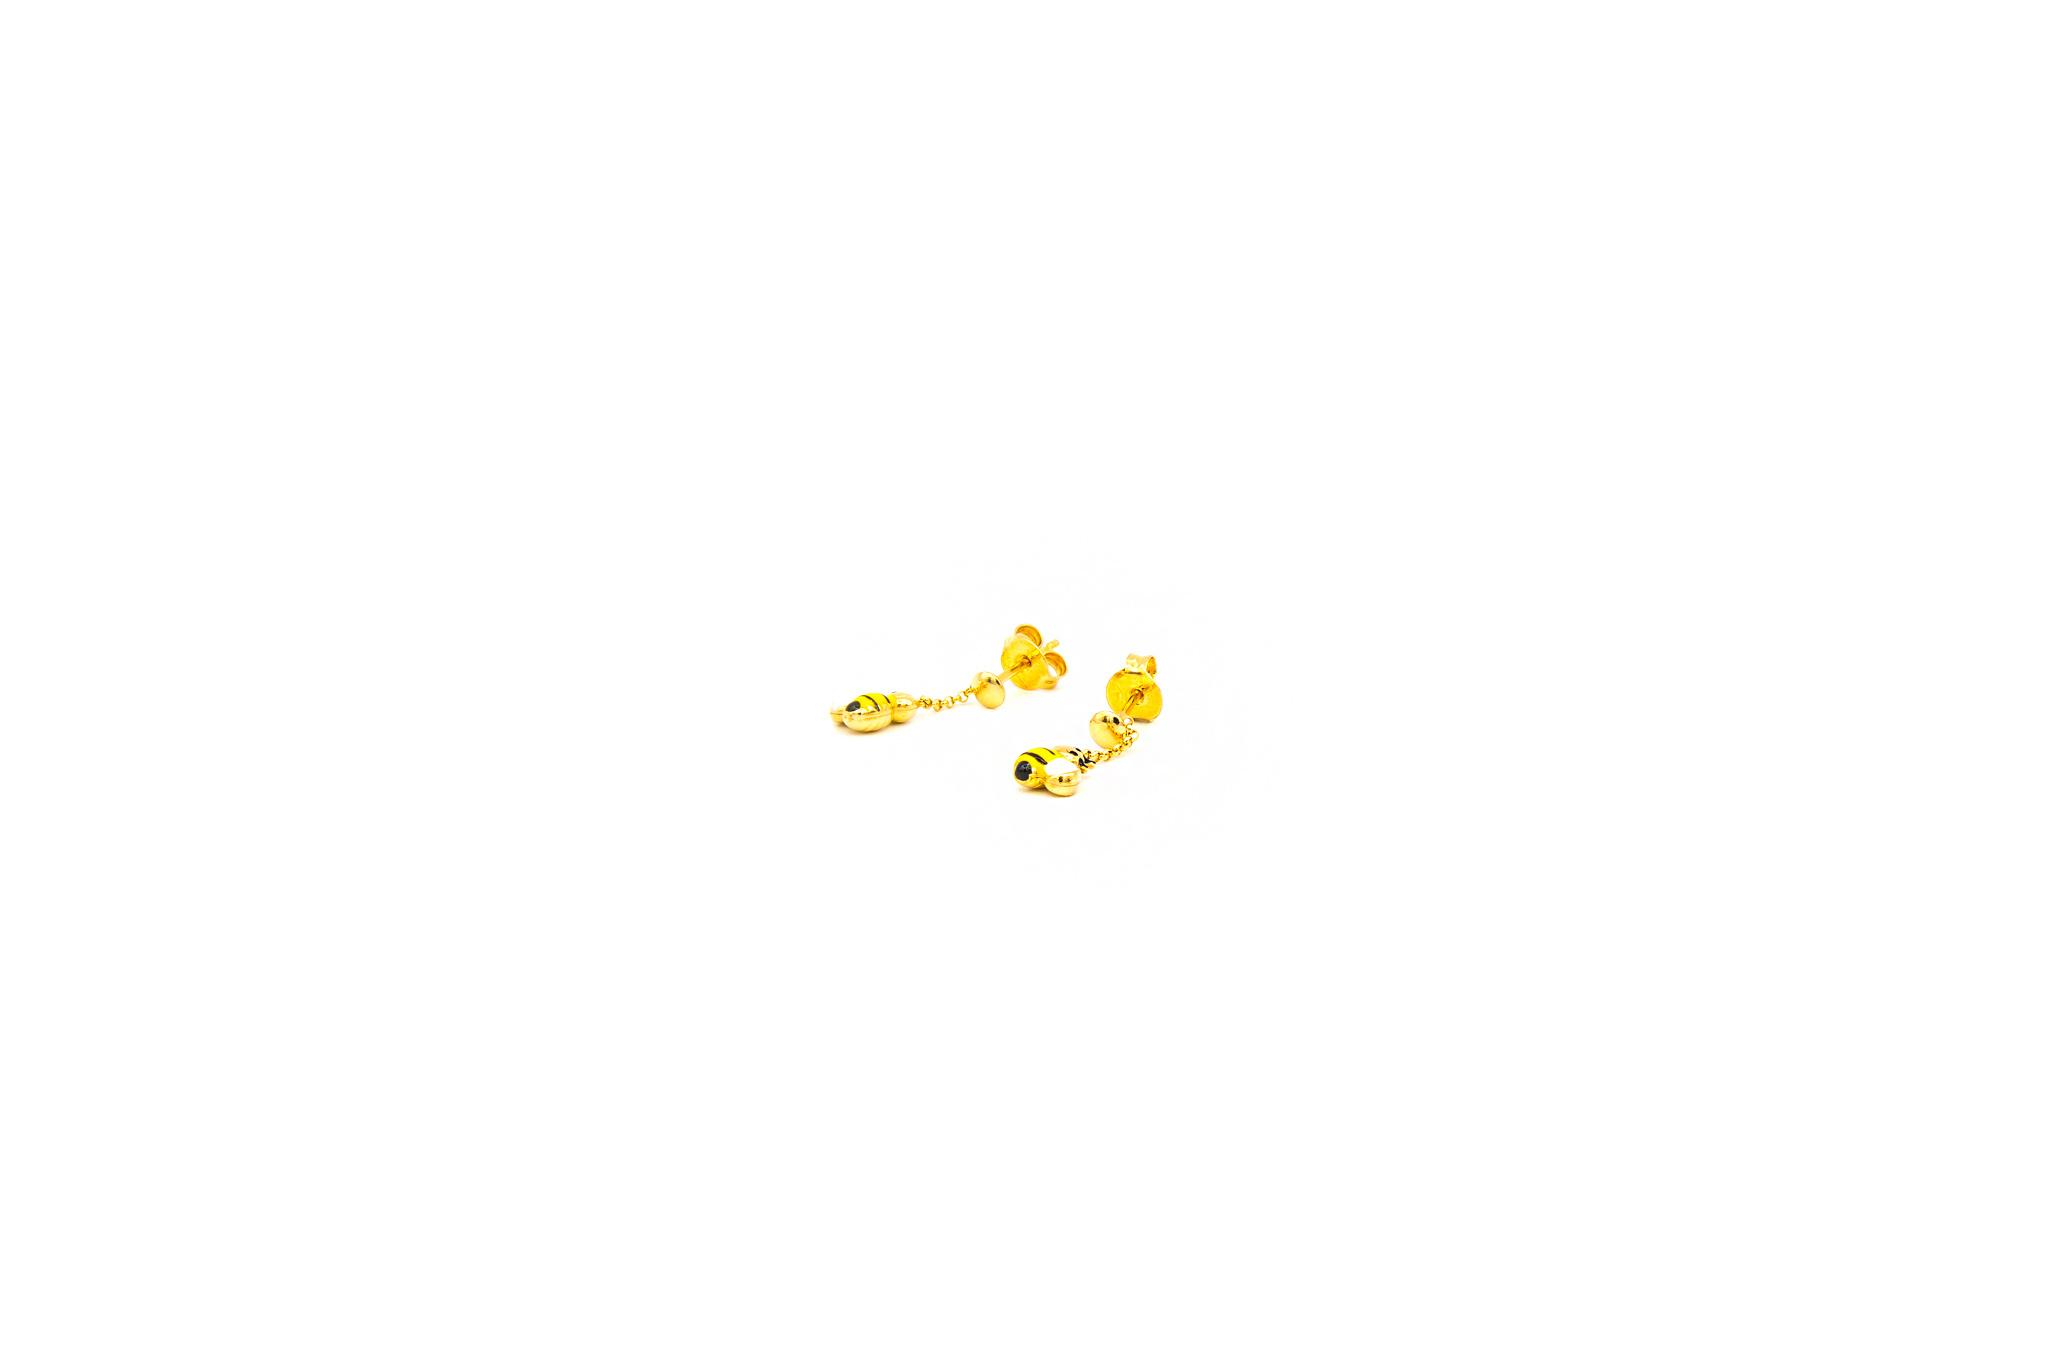 Oorbellen met bijtjes-1